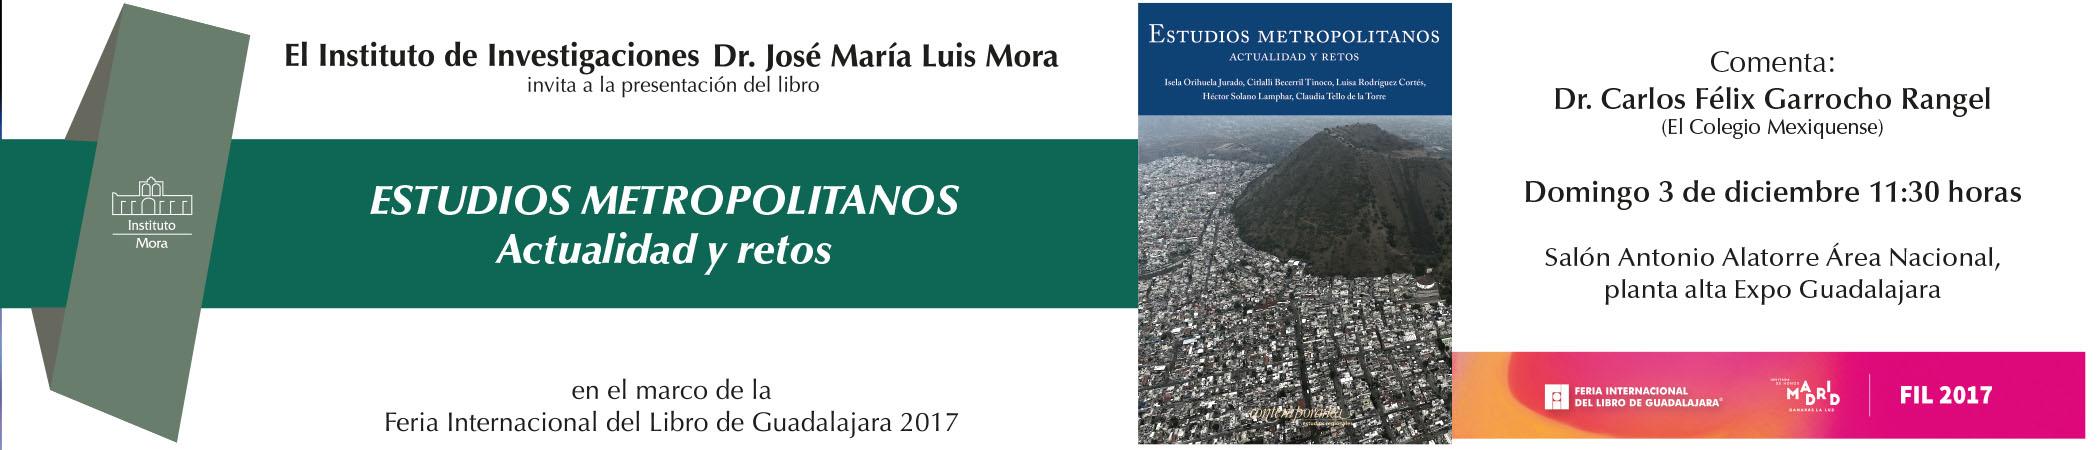 Presentación del libro Estudios Metropolitanos: actualidad y retos